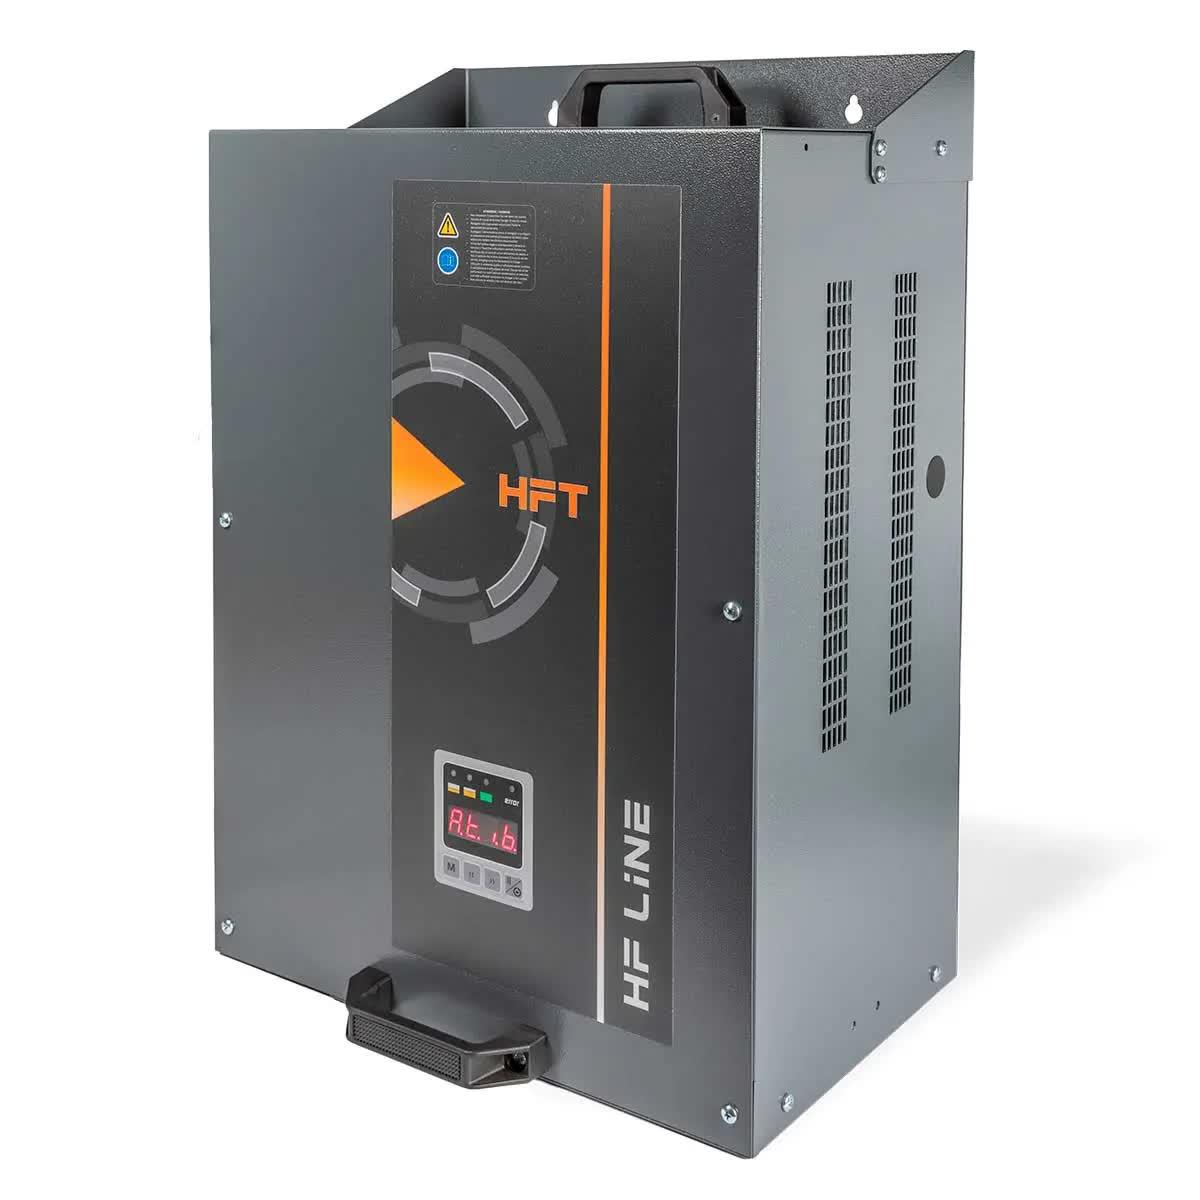 Cargadores para carretillas elevadoras, Brescia, Italia, ATIB Elettronica